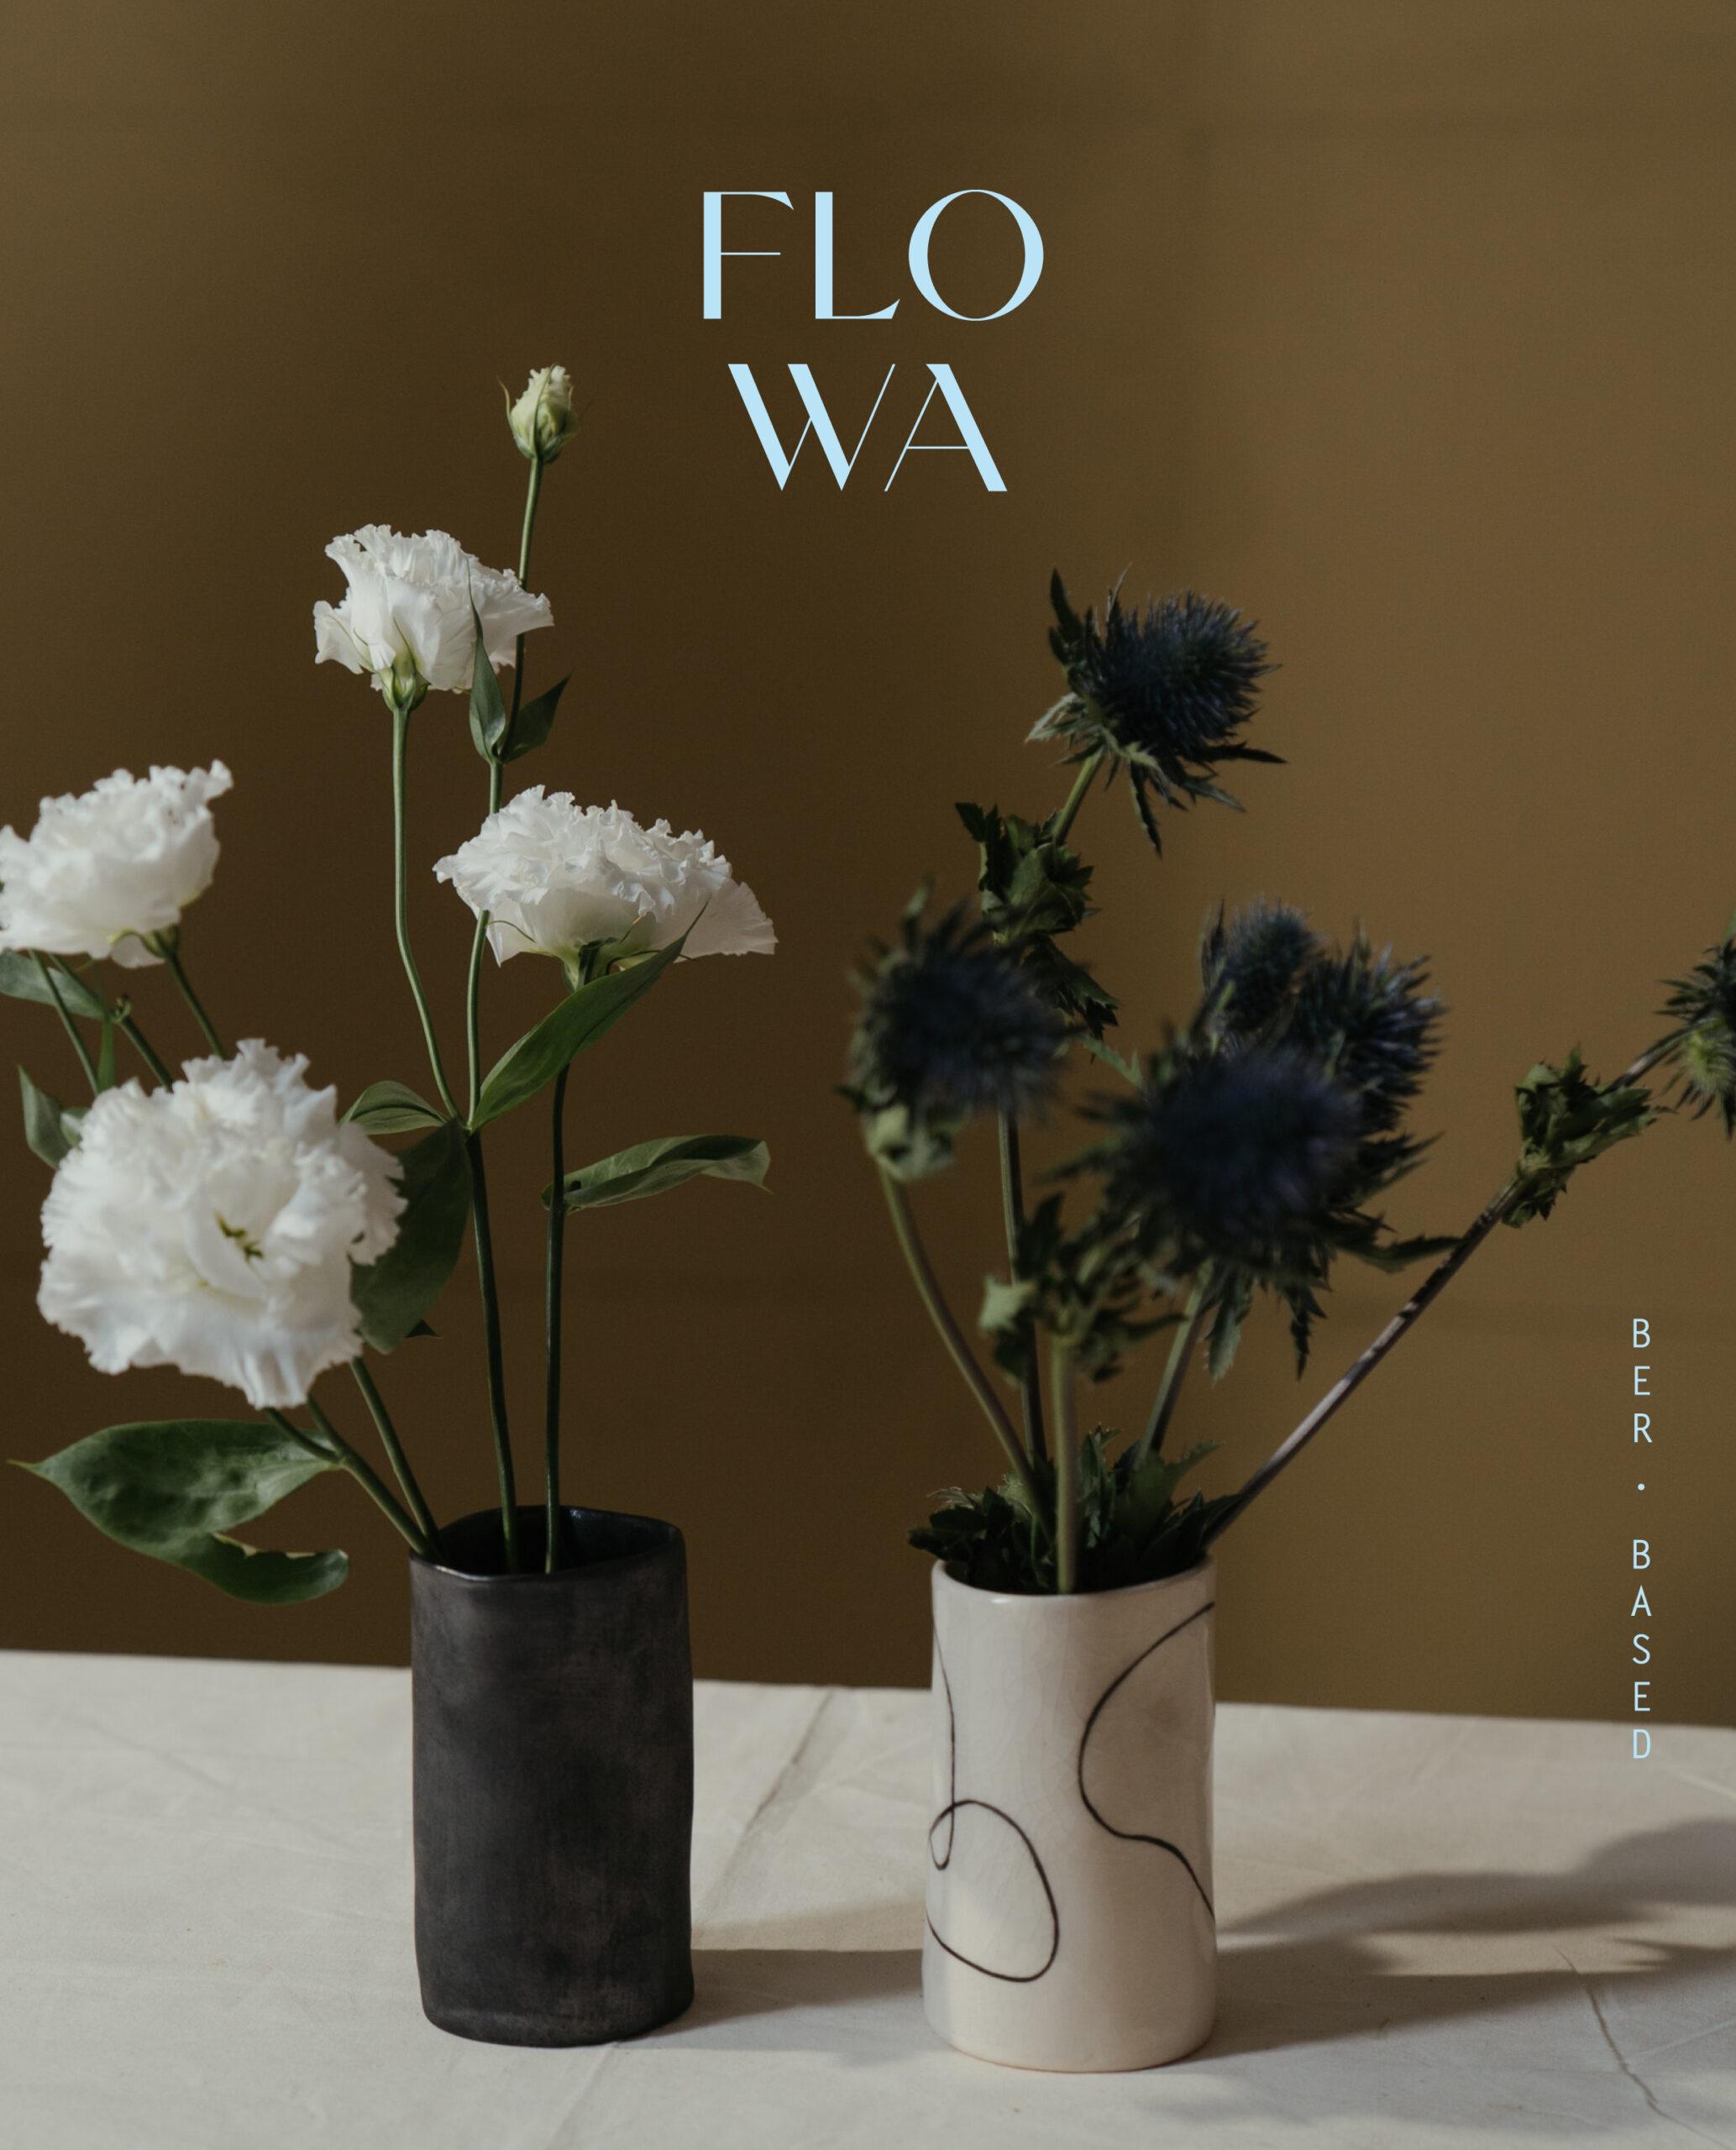 Flowa_Florist_Brand-Kit_Ready-Made_by_Mindt_05